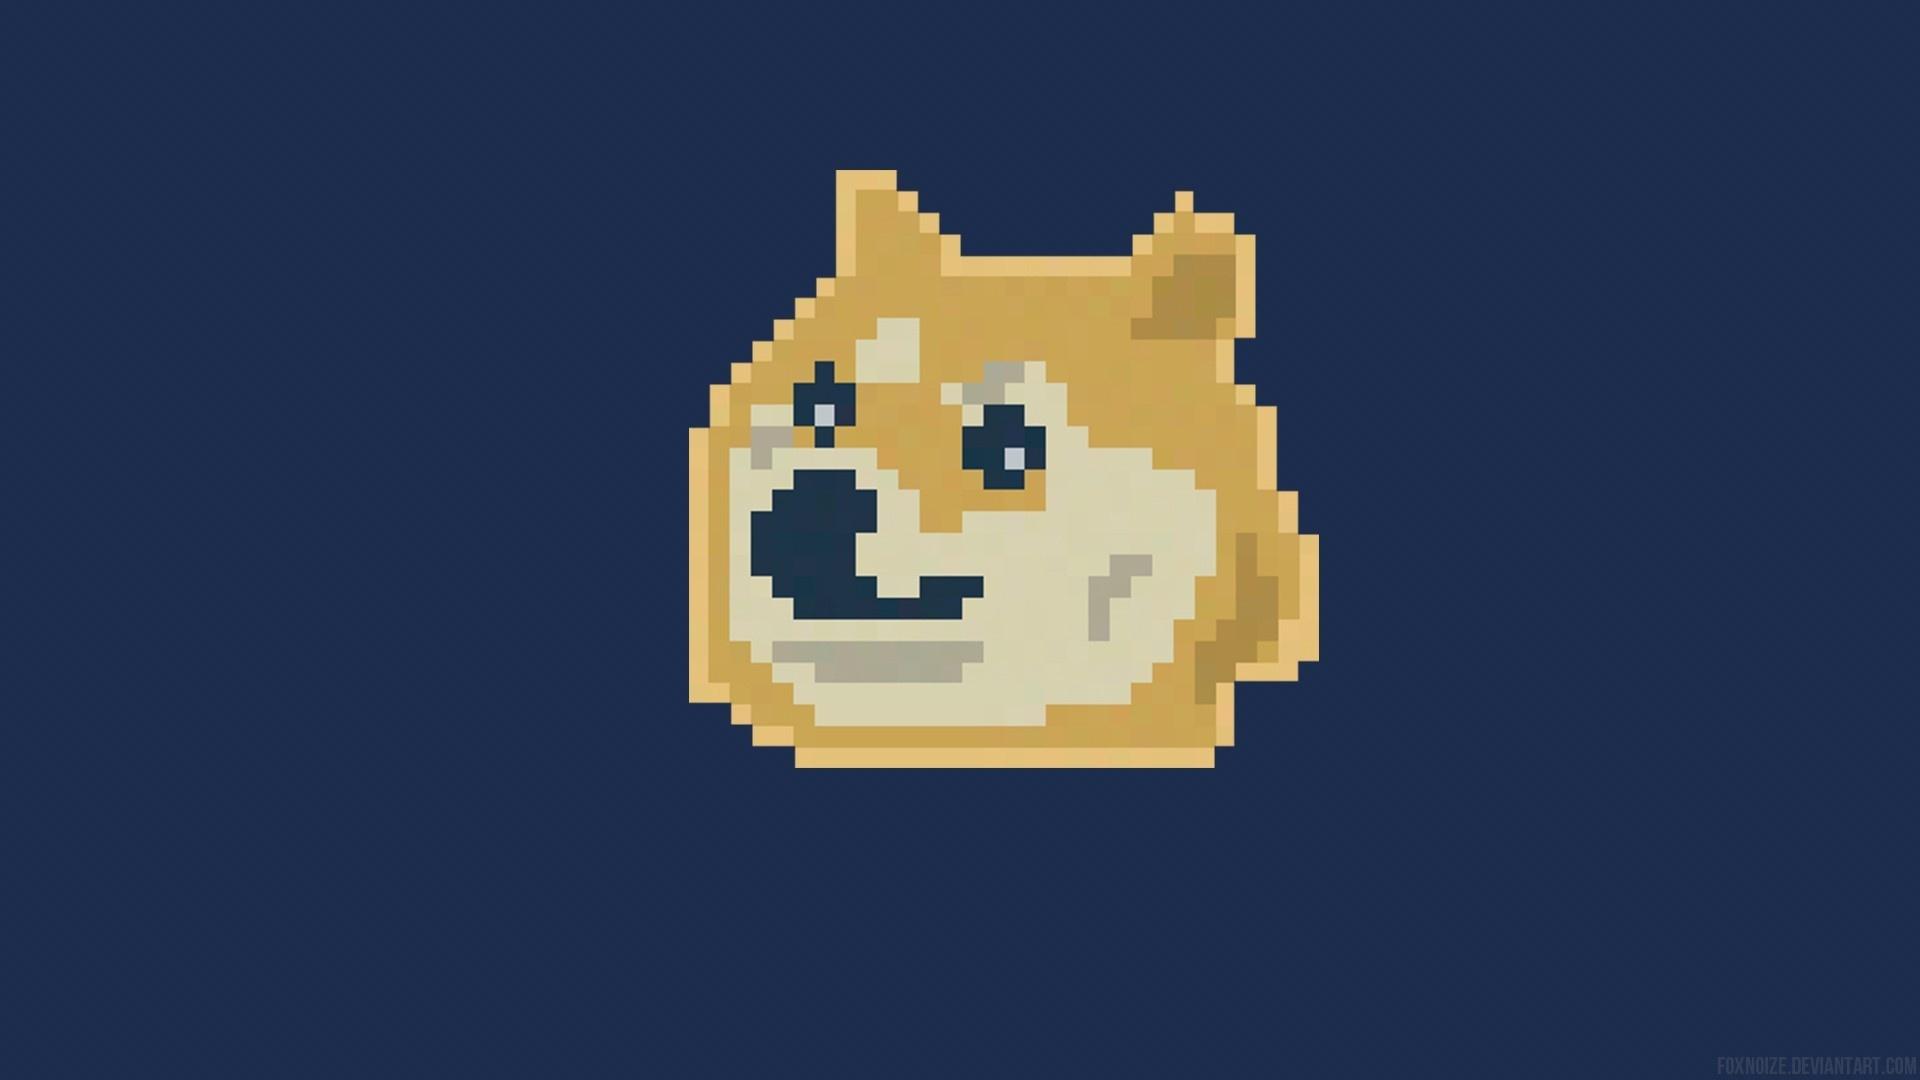 Doge Meme windows background